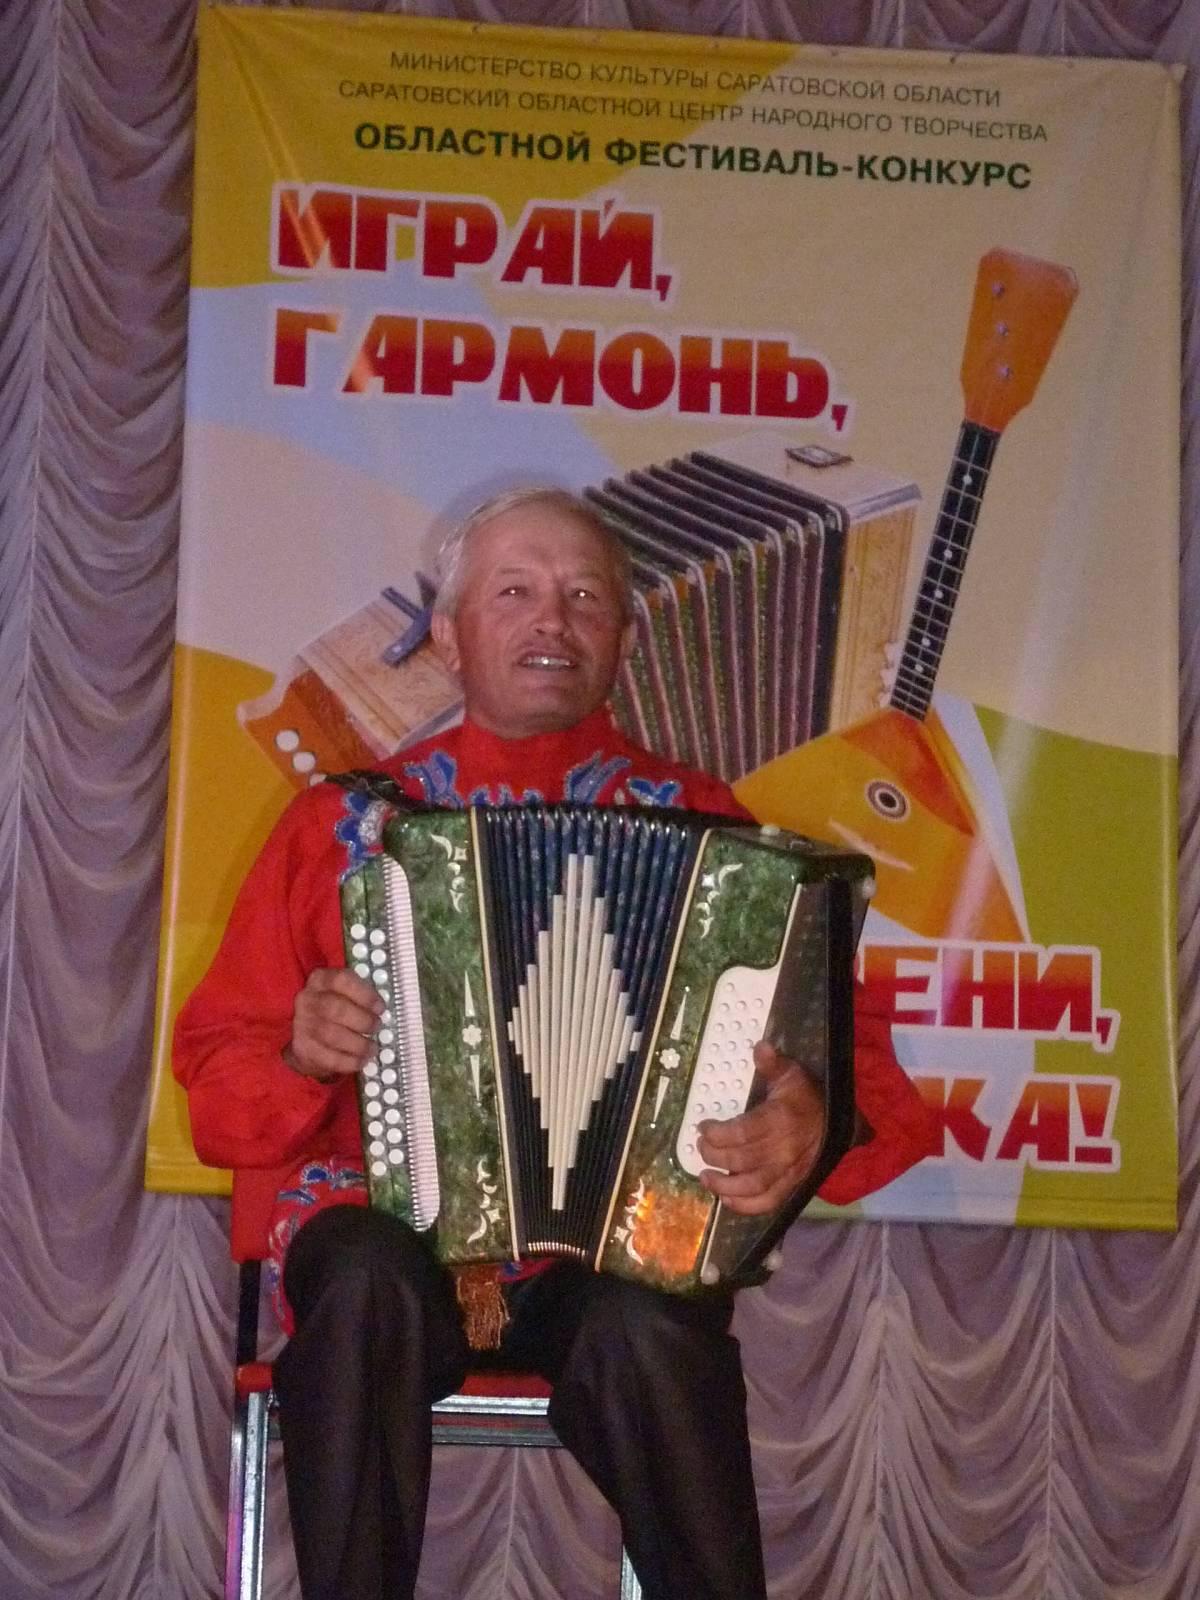 Сценарий на конкурс играй гармонь